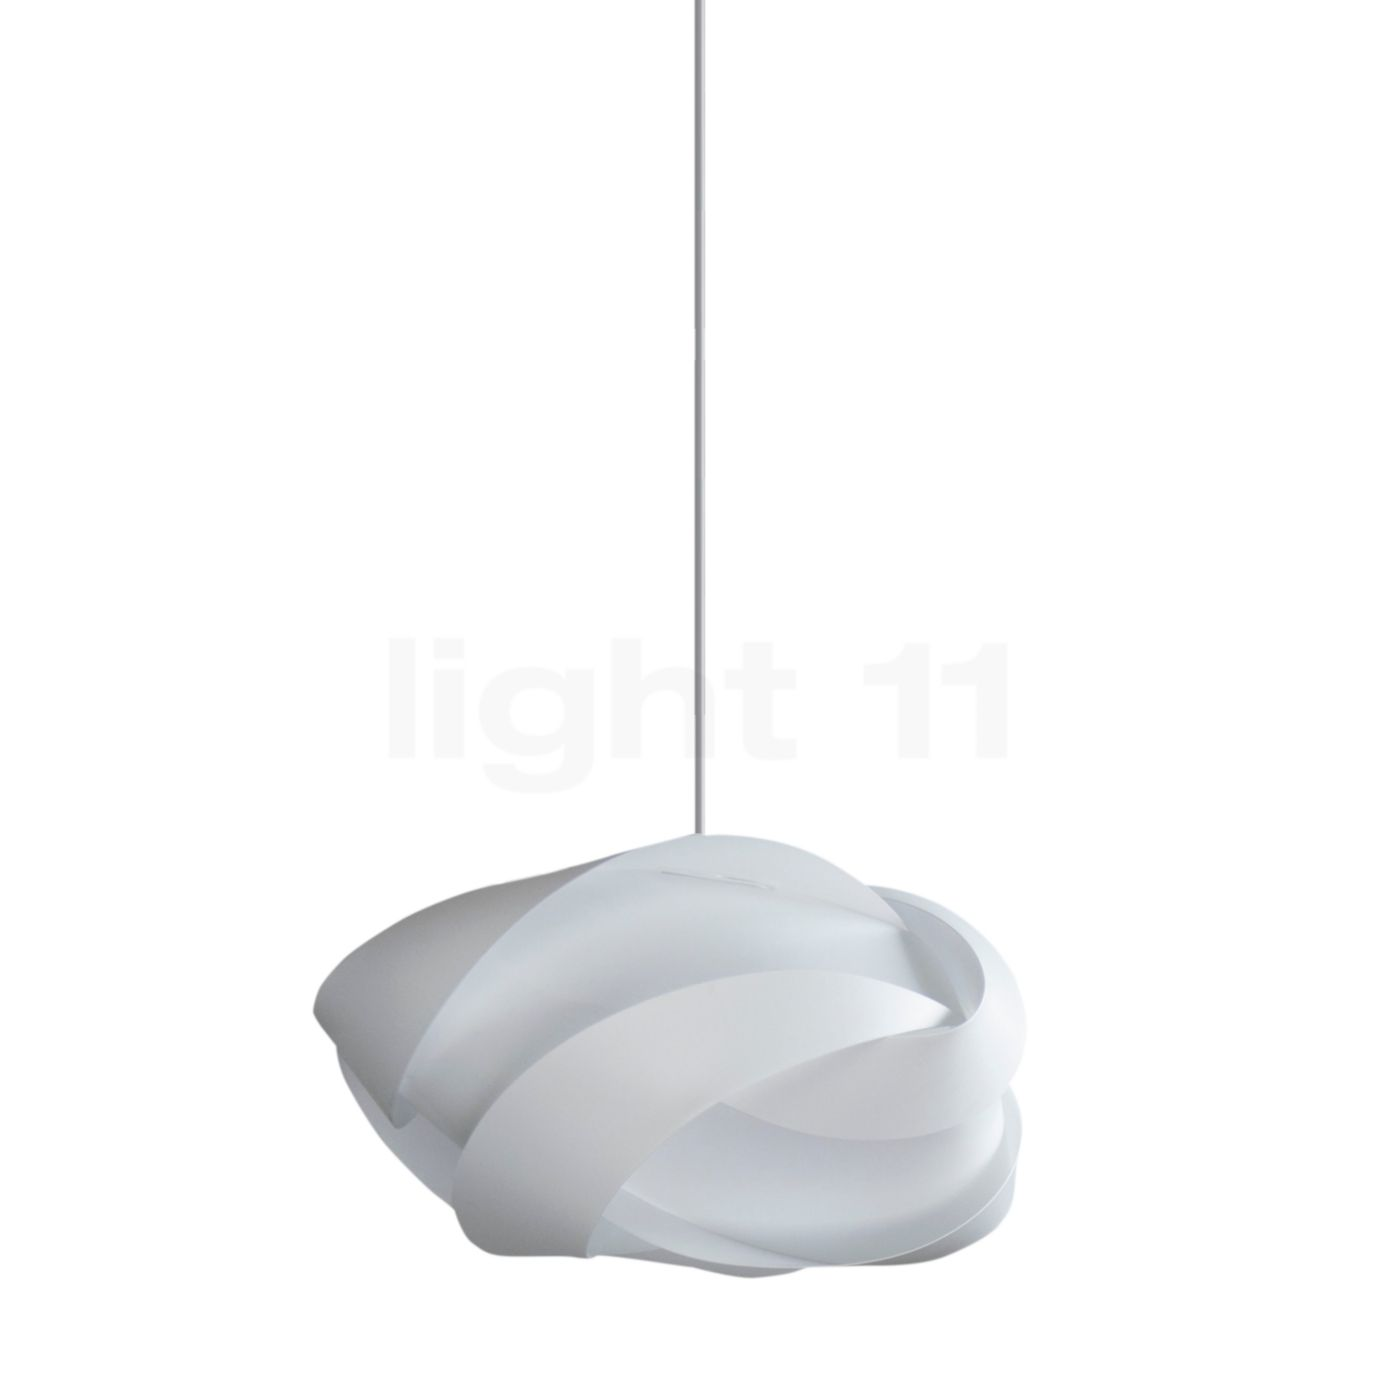 UMAGE Ribbon Mini Pendelleuchte, weiß, Kabel weiß 2164 + 4005